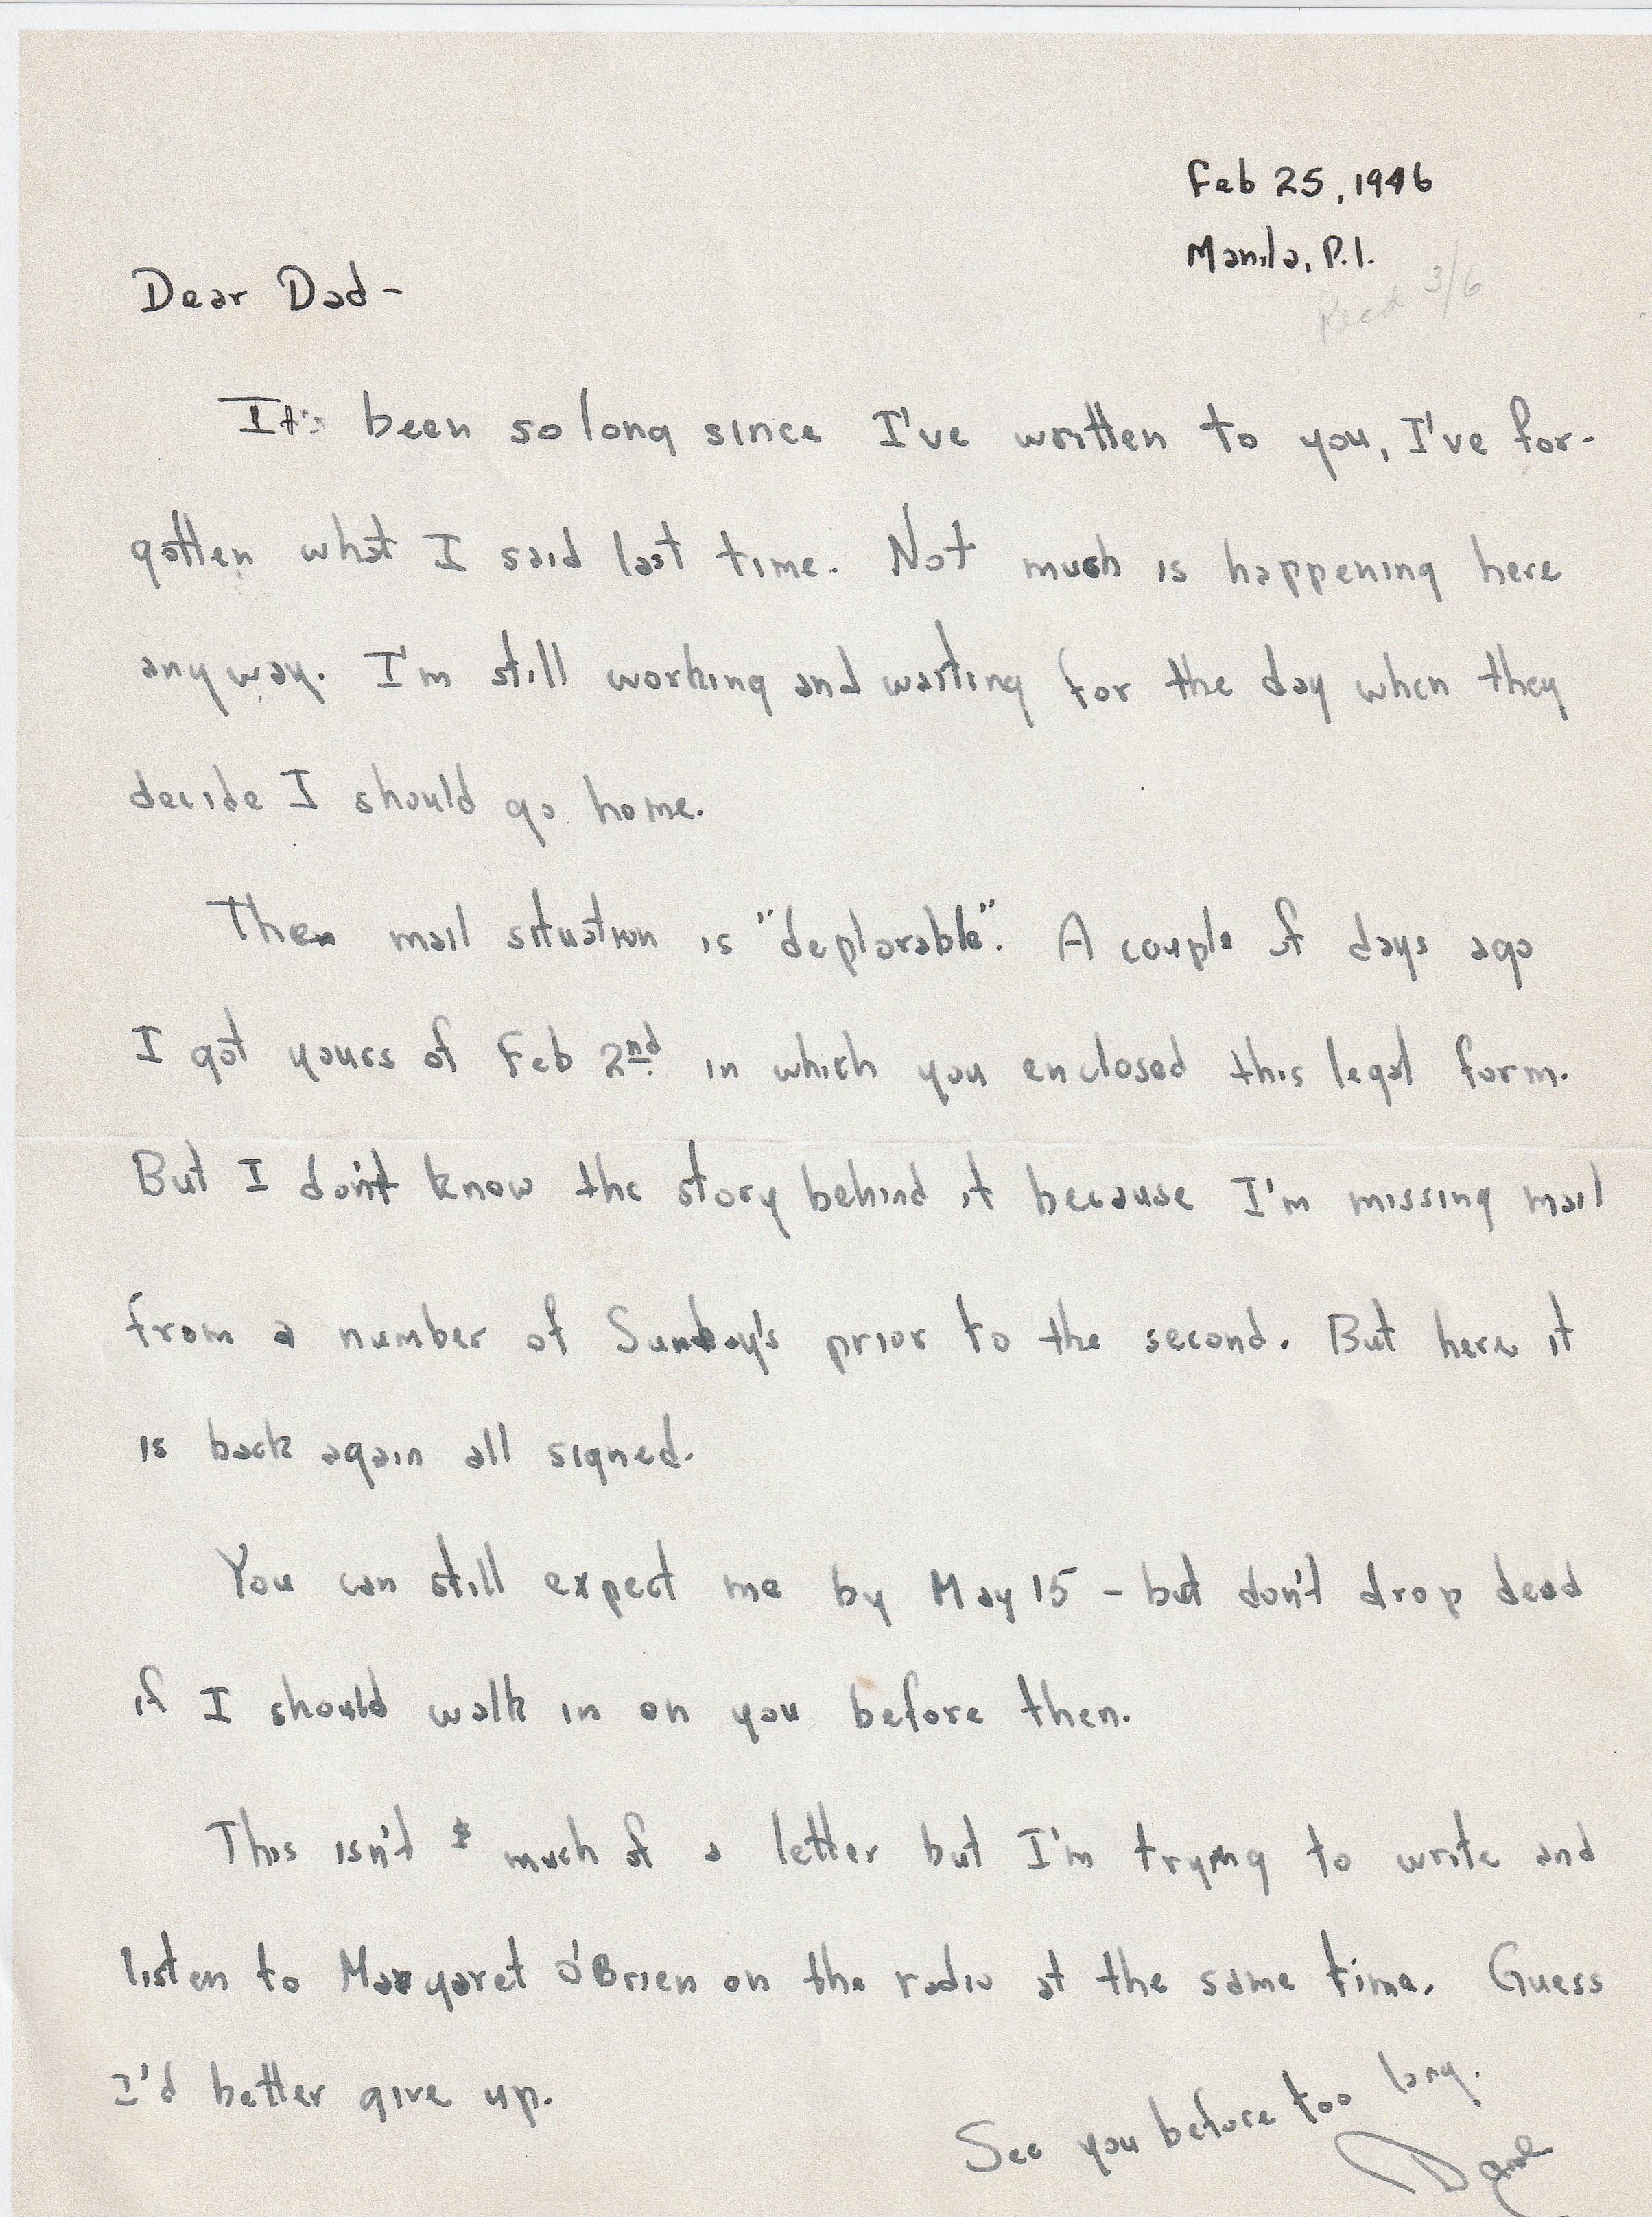 World War II Army Adventure (122) - Dear Dad - At Long Last - March 18, 1946